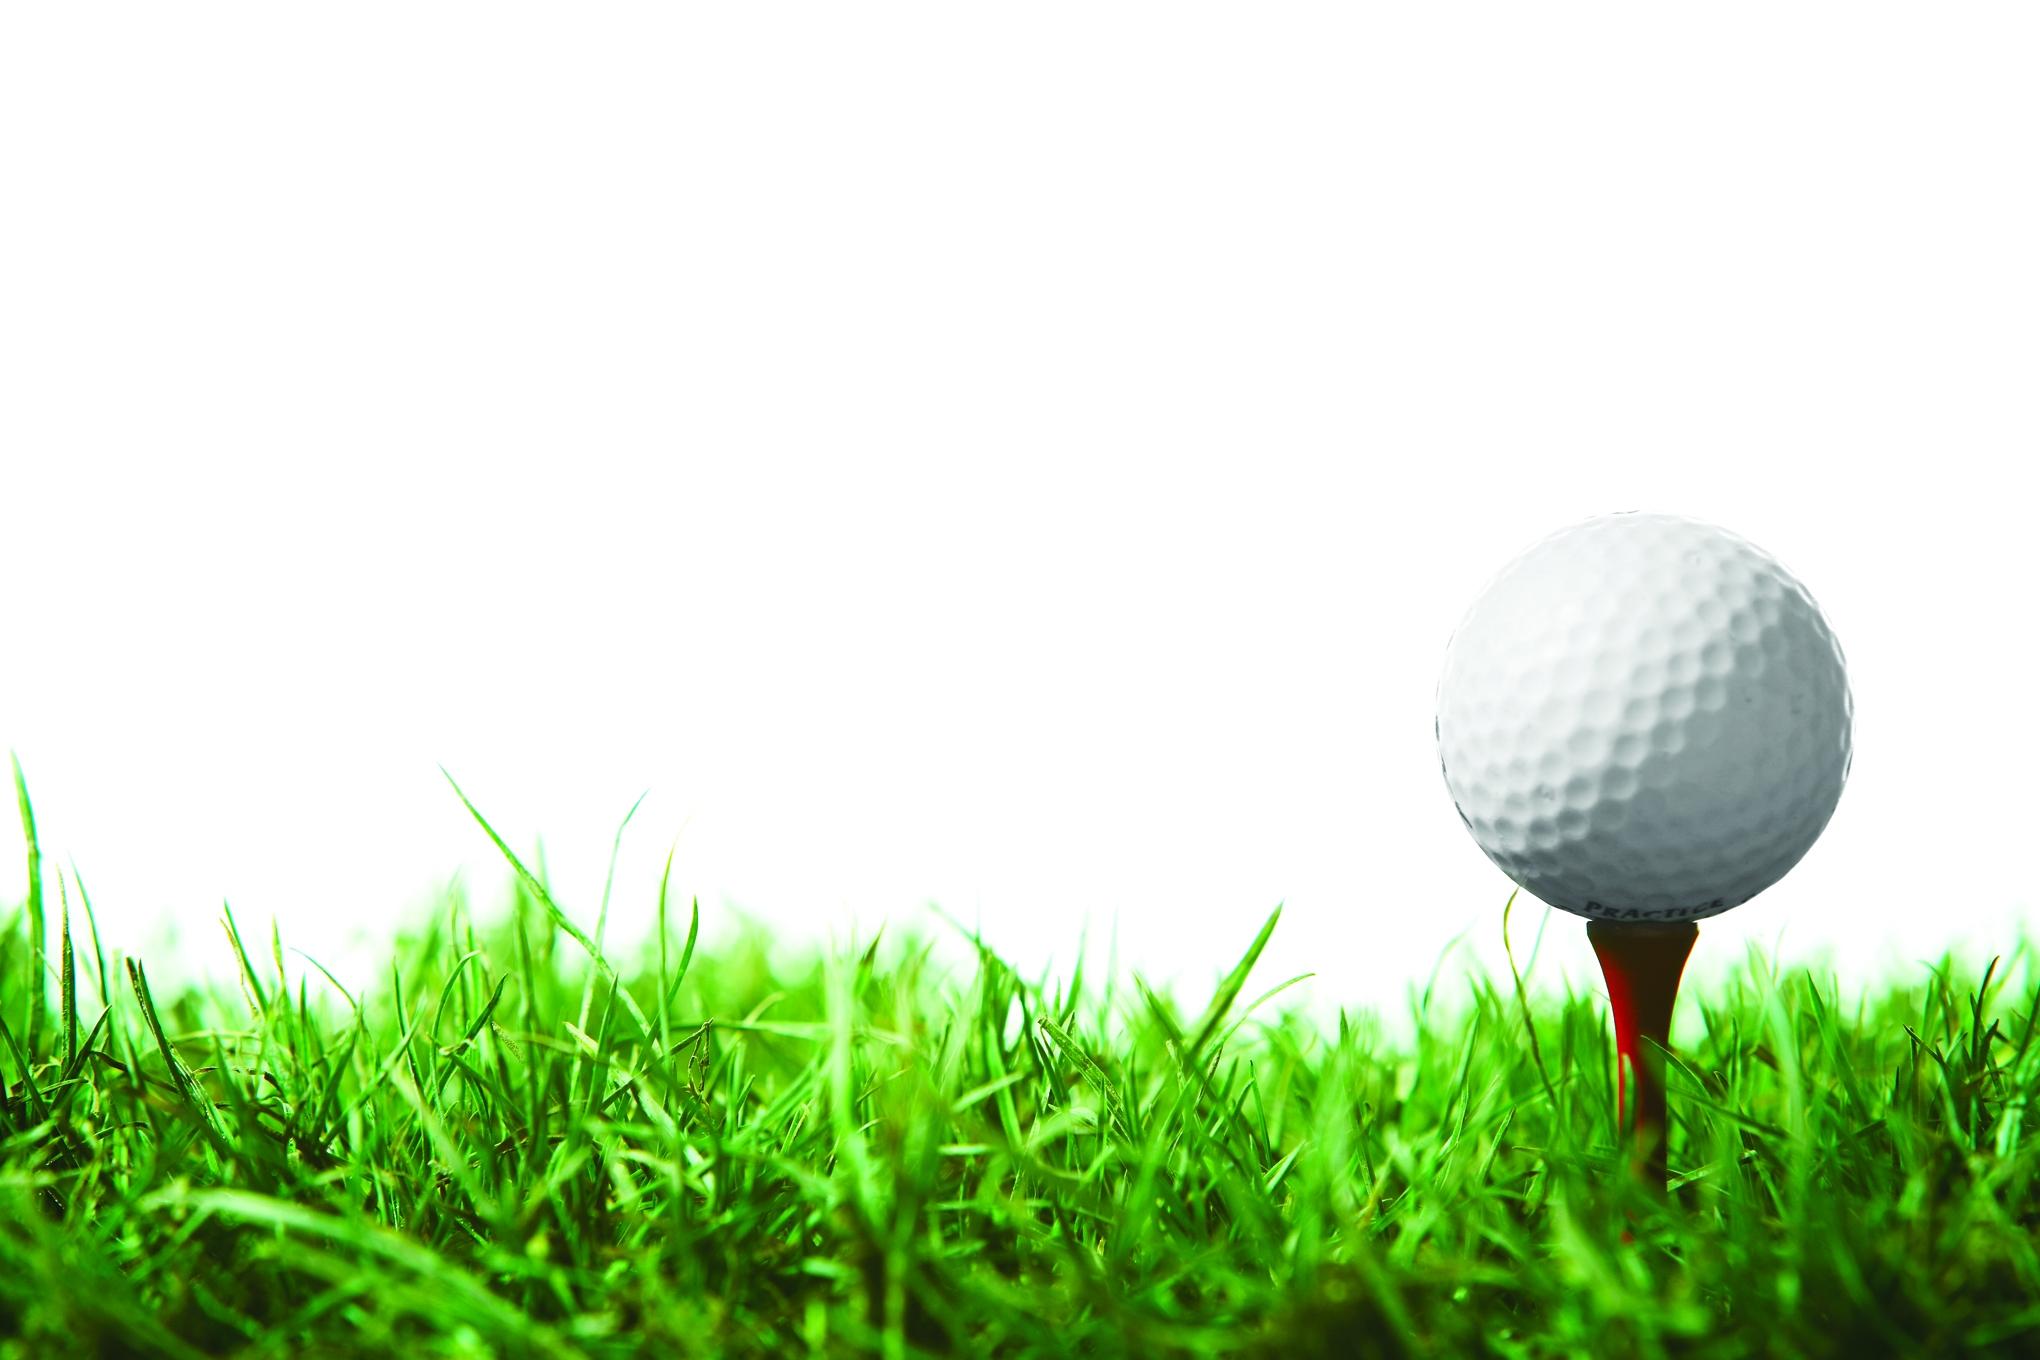 Free Golf Clipart Wallpaper .-Free Golf Clipart Wallpaper .-2